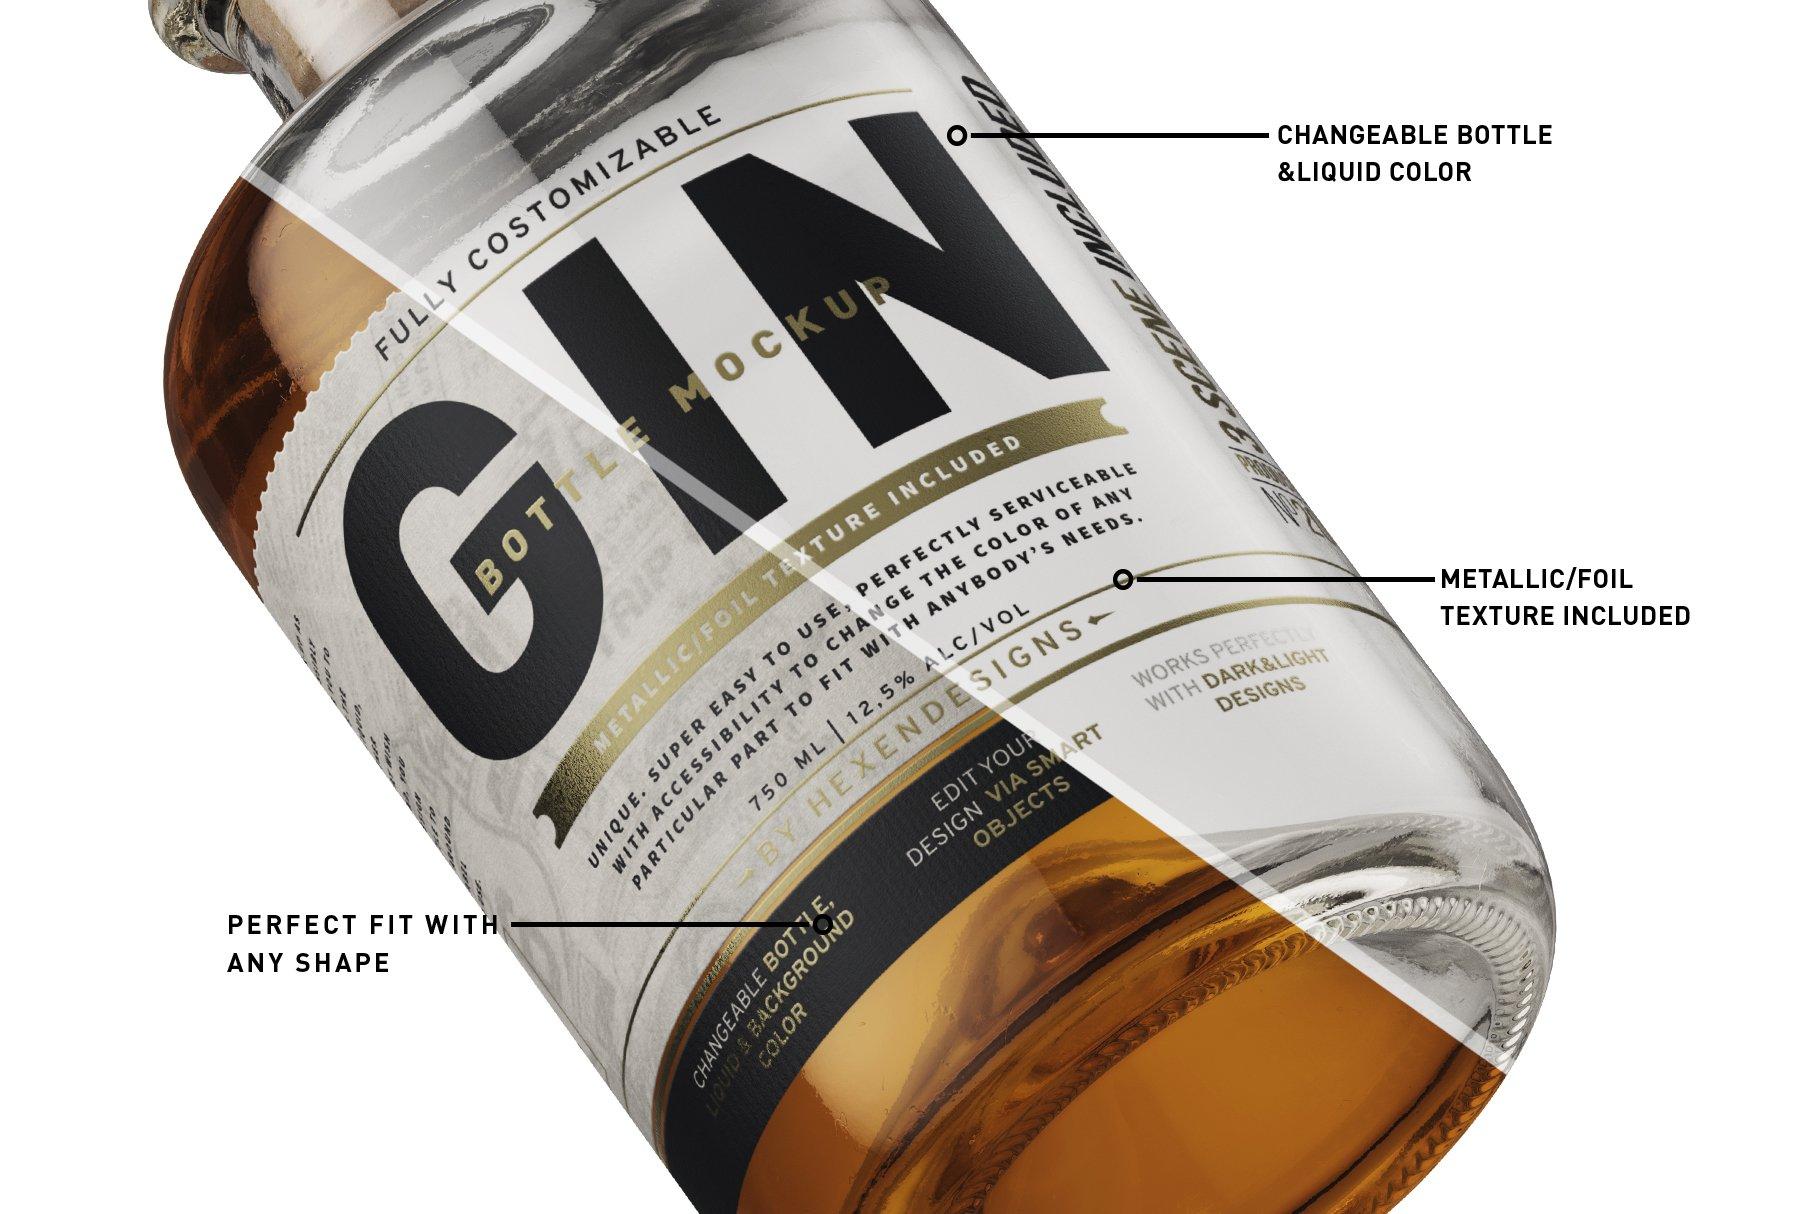 杜松子玻璃酒瓶标签设计展示样机模板 Gin Bottle Mockup插图(2)